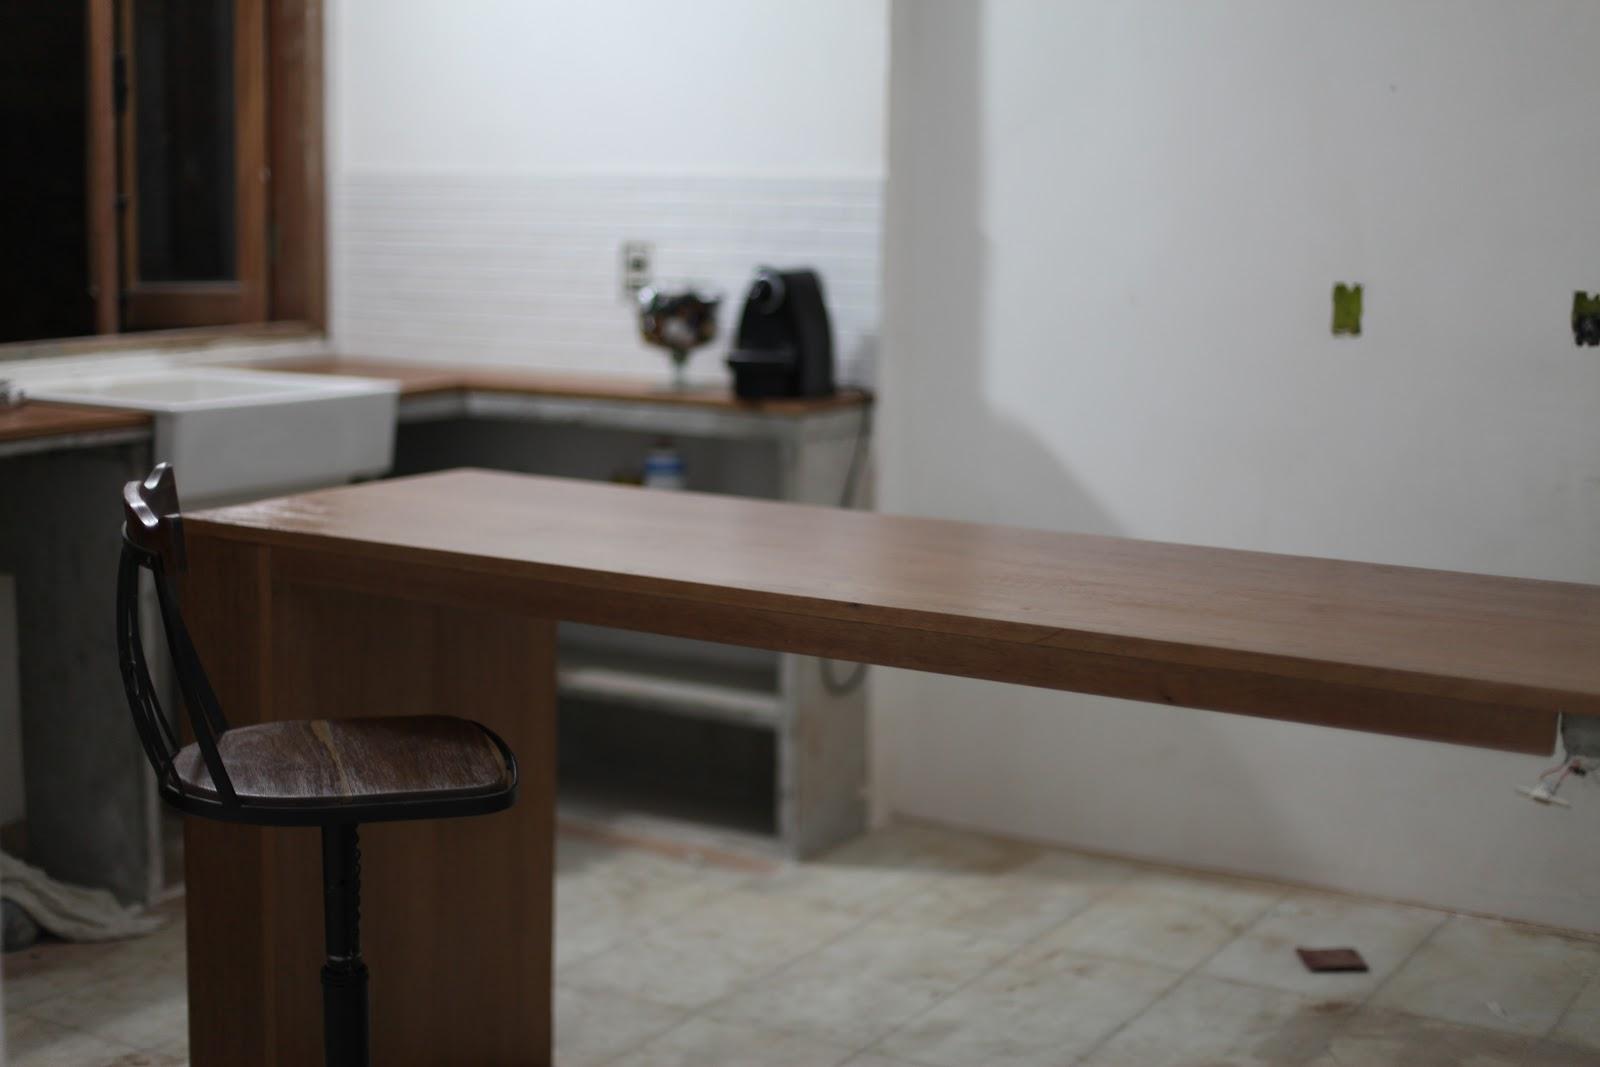 Uma Casa : Cozinha: Bancada de Concreto e Madeira #2B221B 1600x1067 Bancada Banheiro Concreto